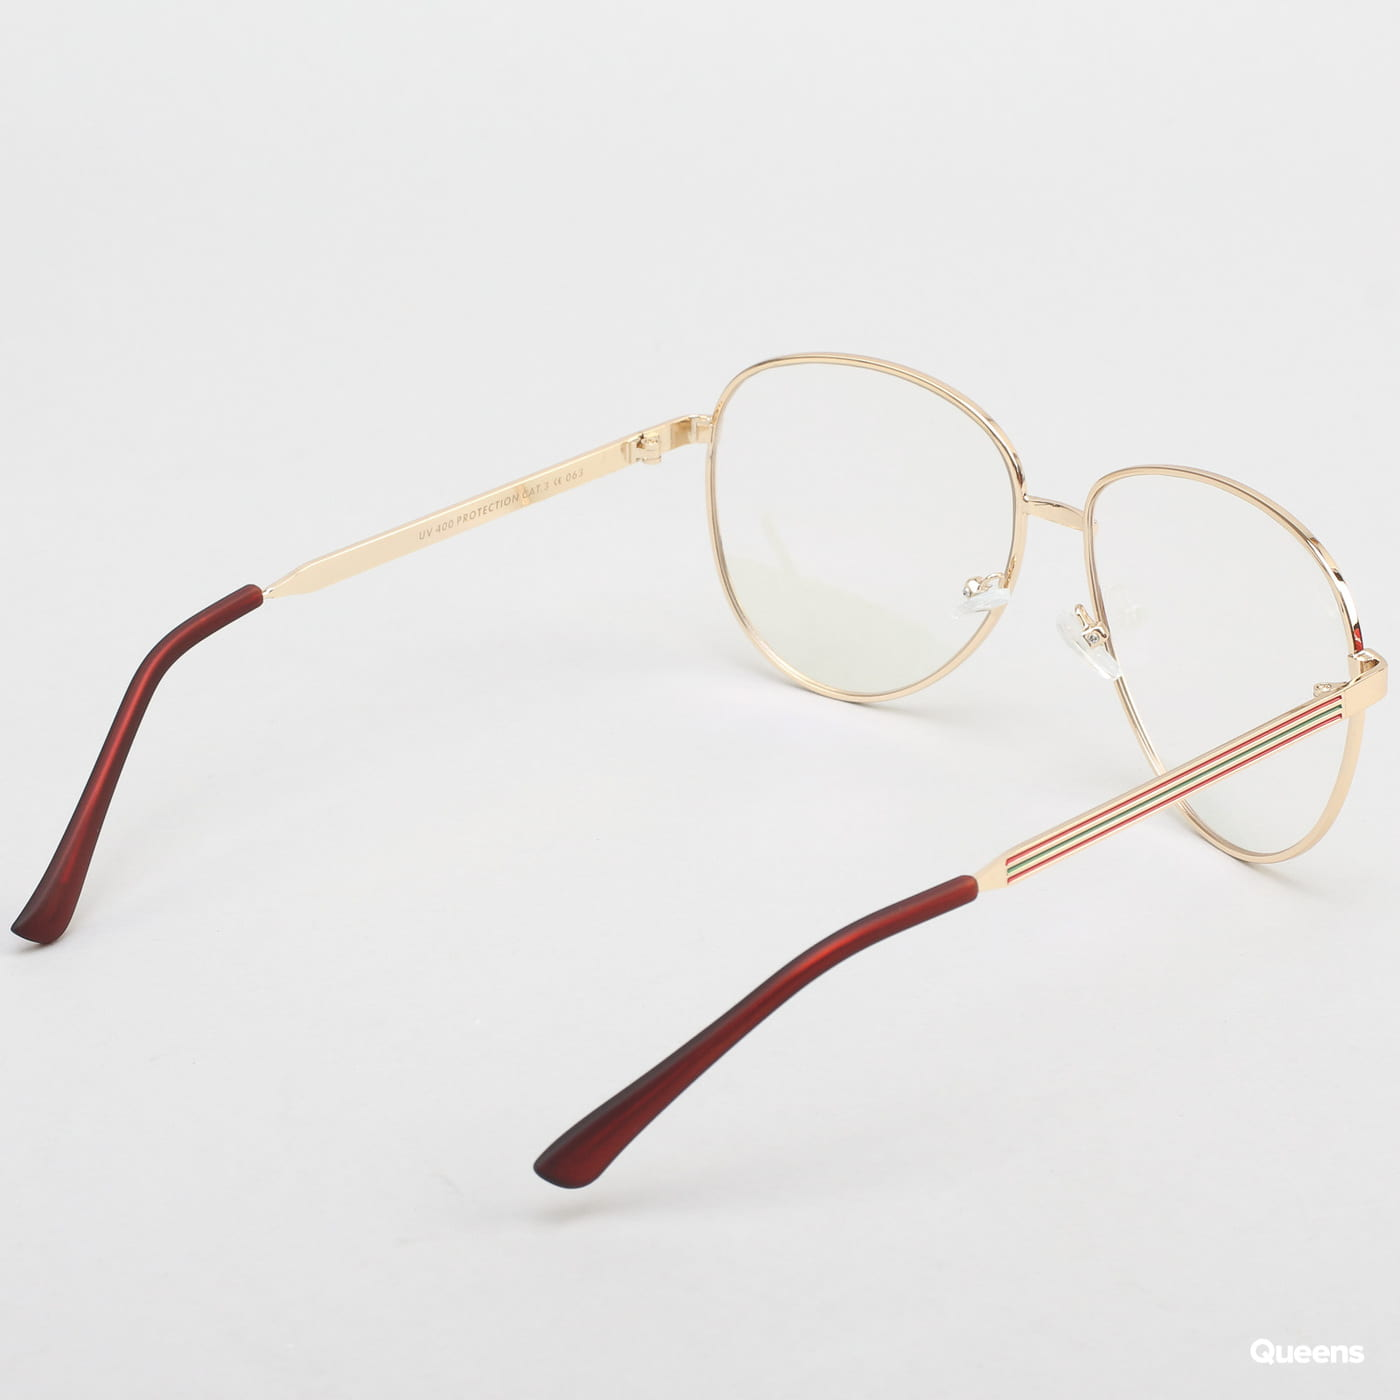 MD Sunglasses February gold